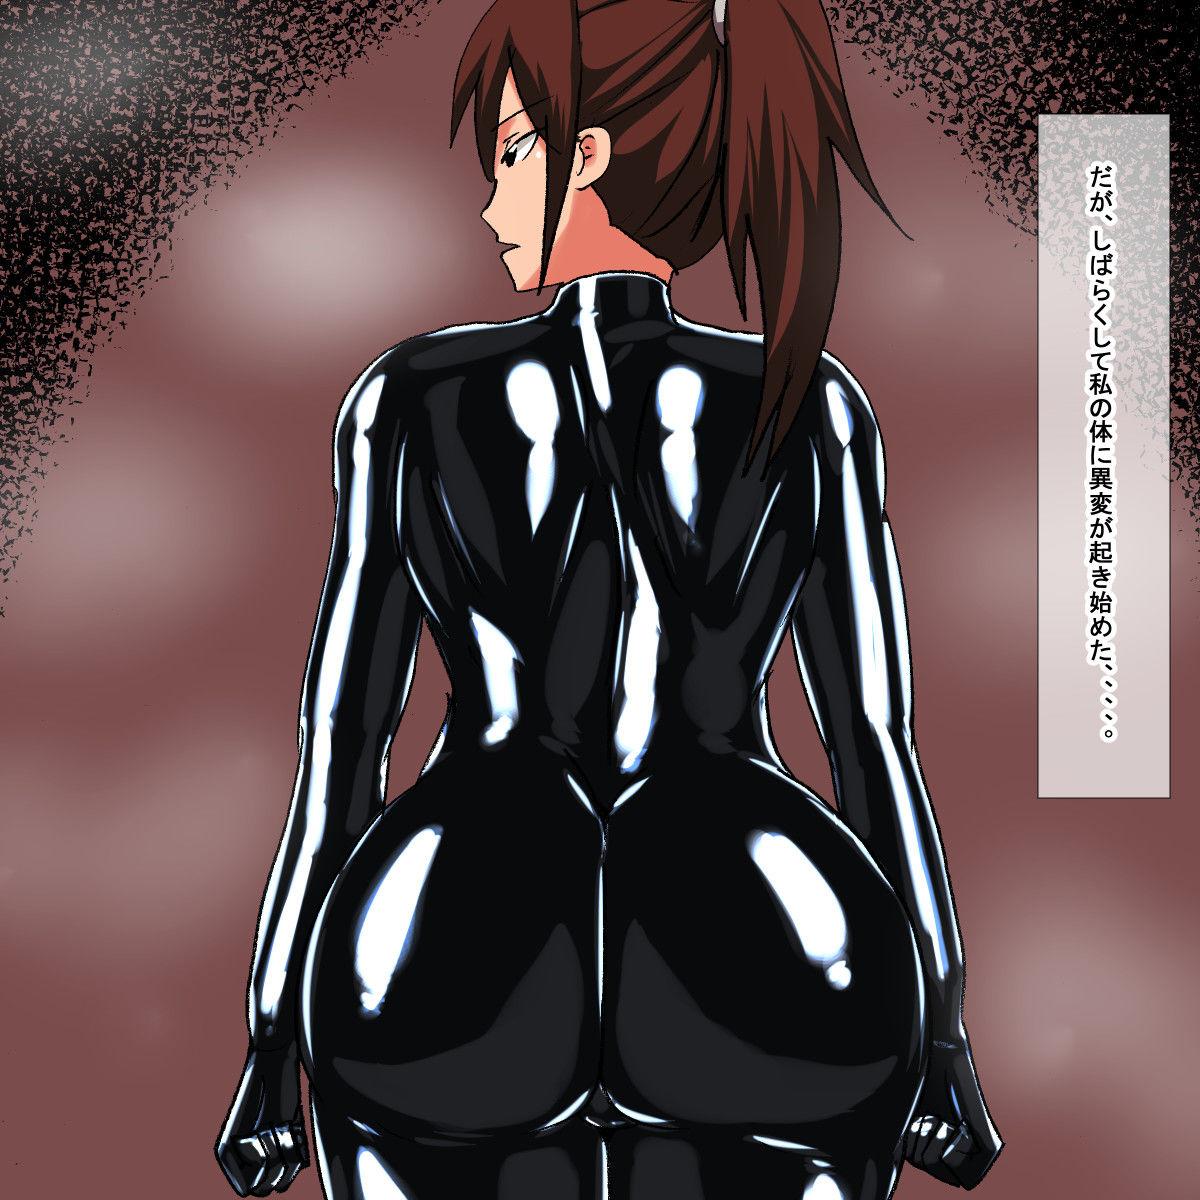 サンプル画像1:mm ラバースーツ(ボディスーツ)女スパイ媚薬姦(s(ムチムチメイン)) [d_200364]